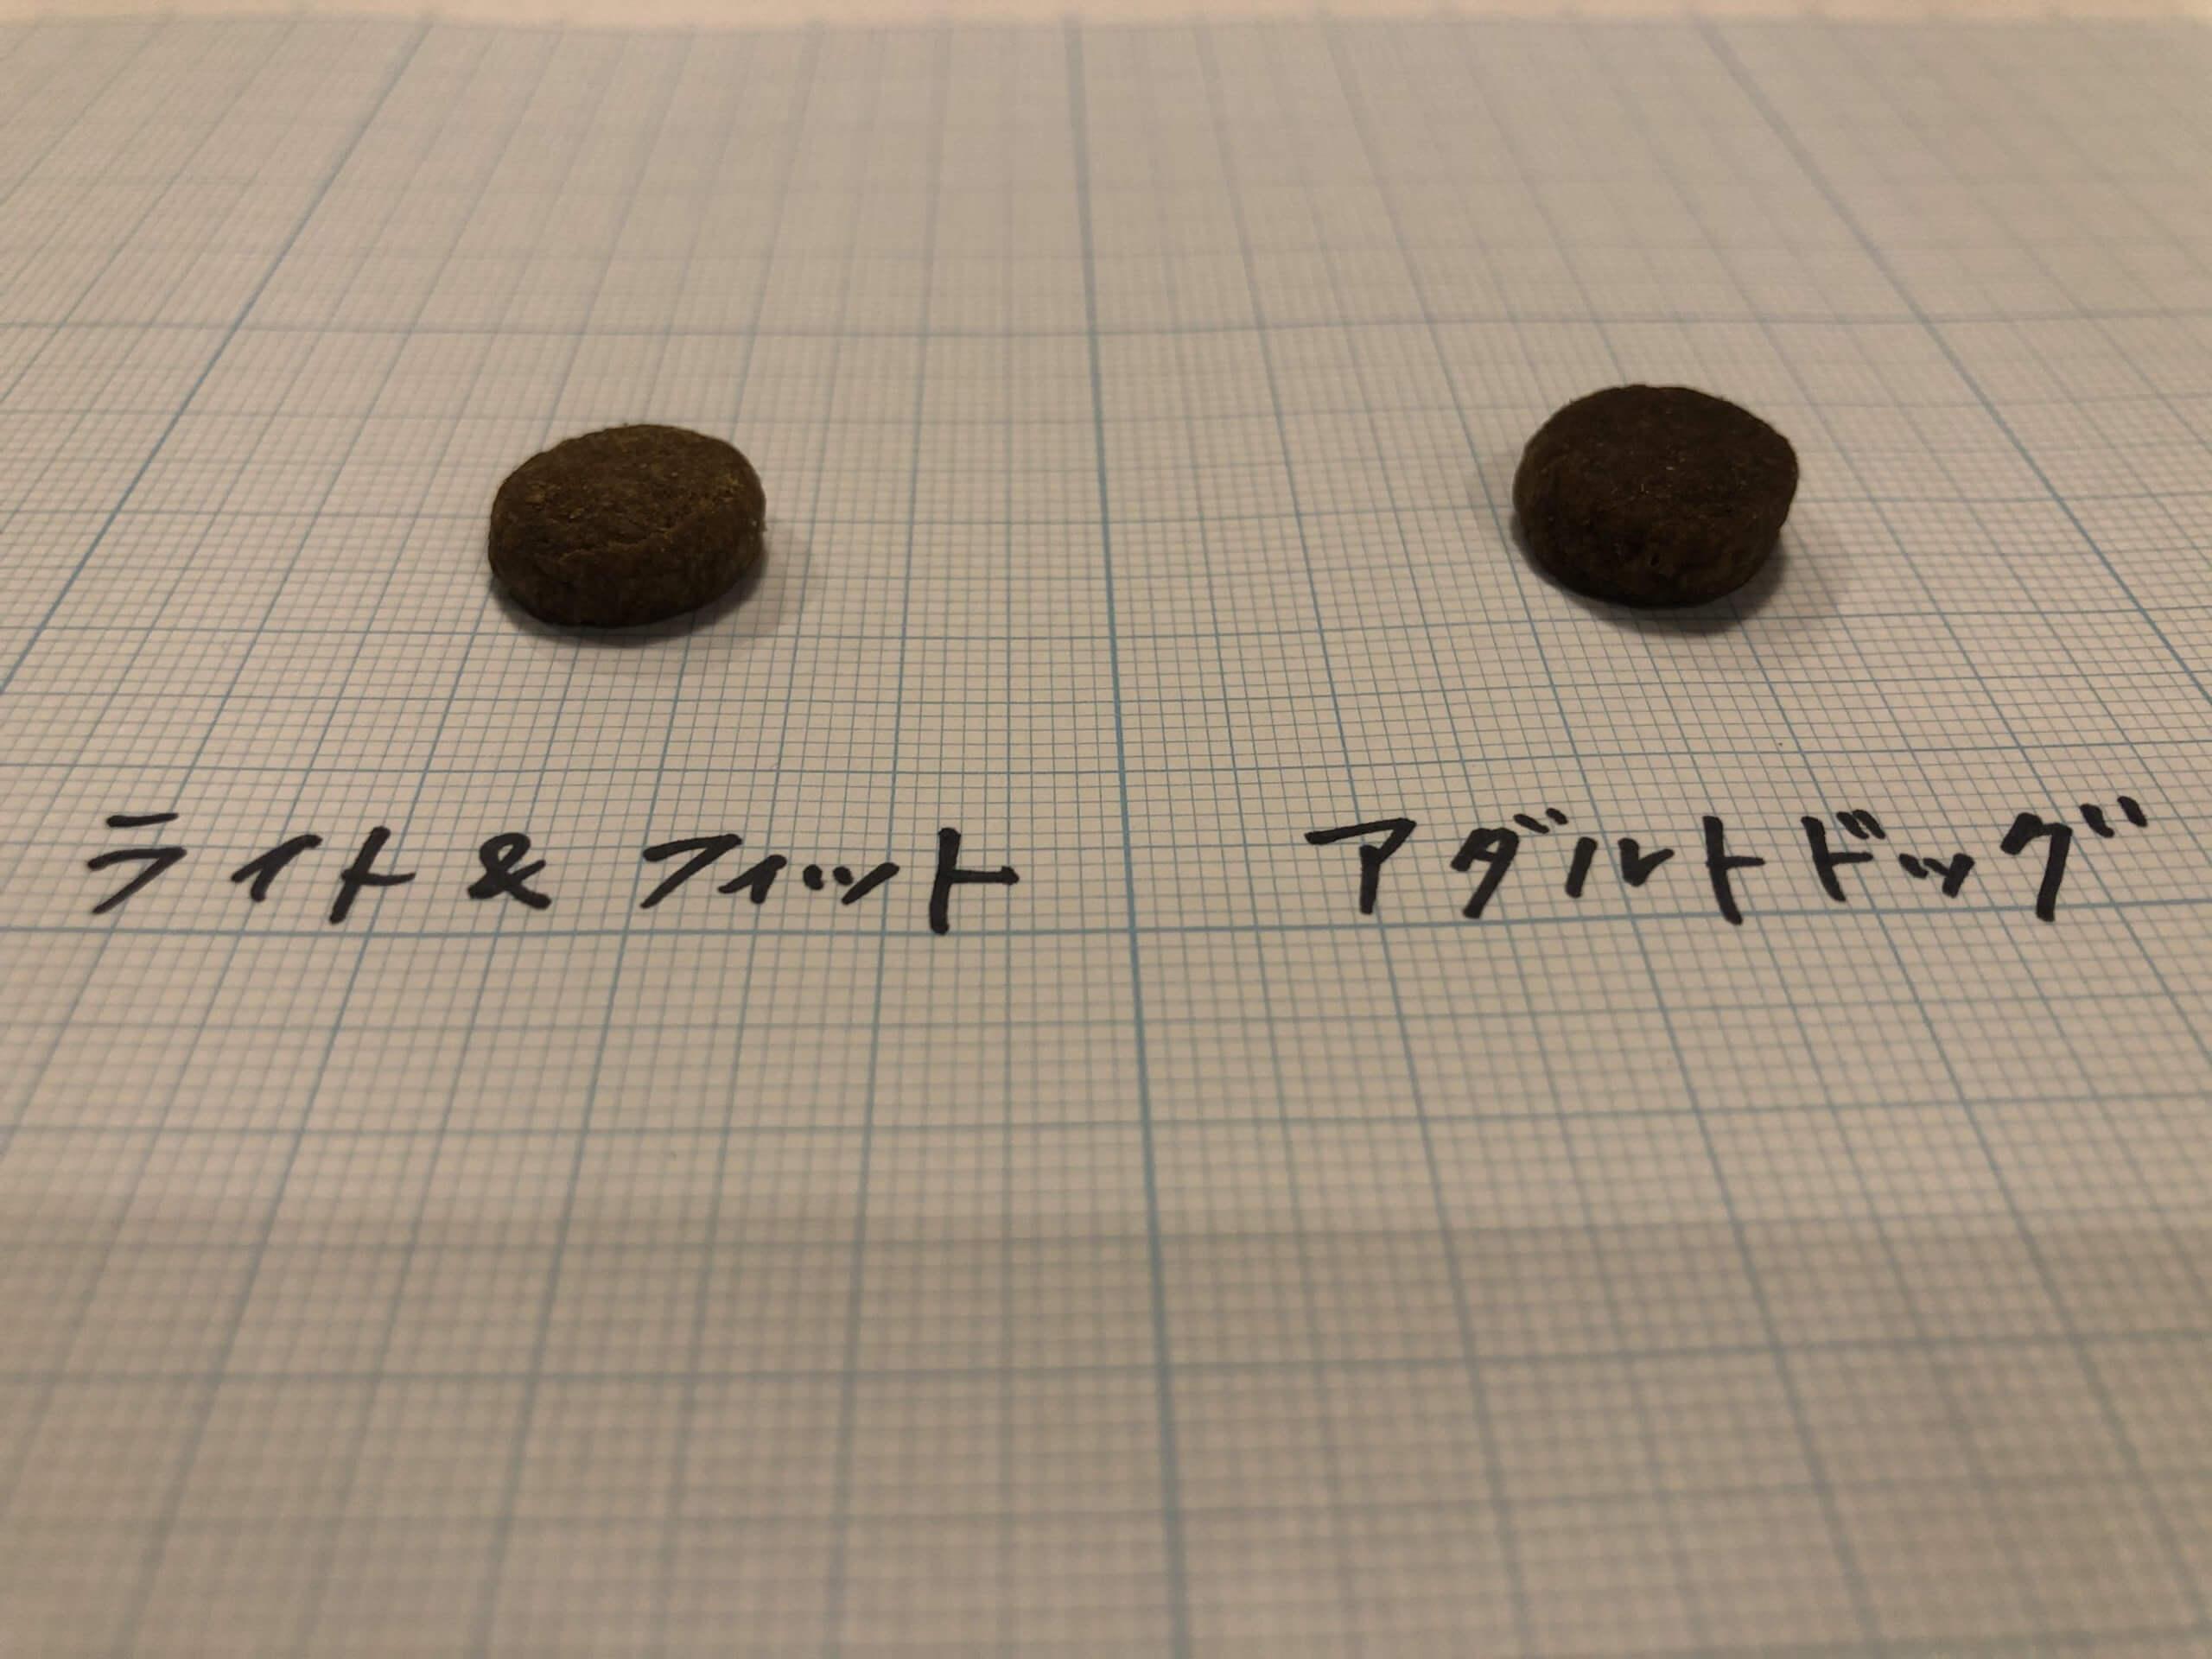 アカナ アダルトドッグとアカナ ライト&フィットの粒の比較